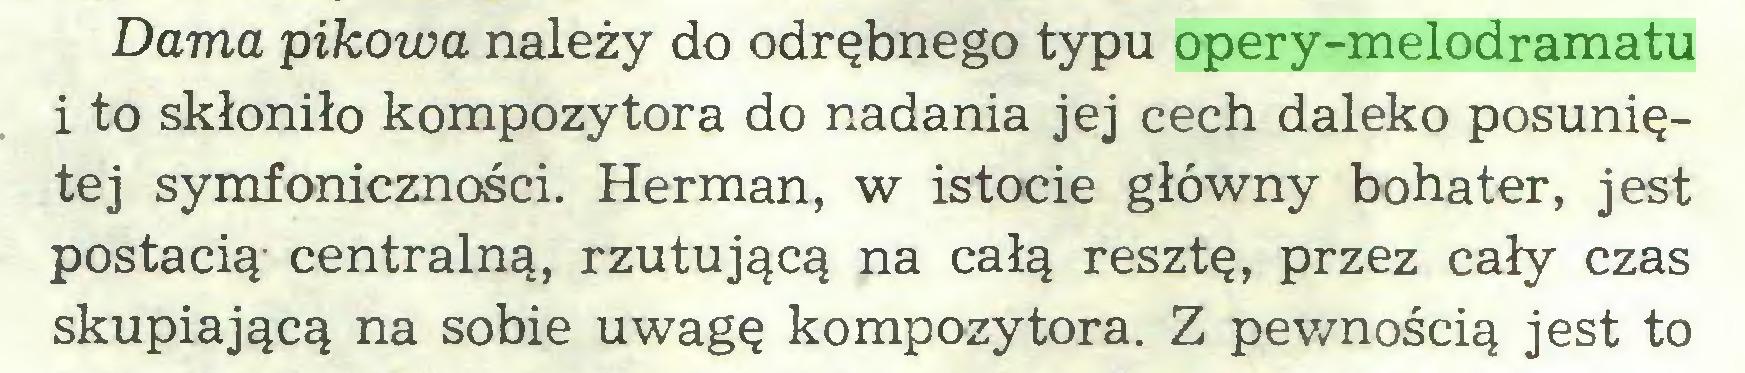 (...) Dama pikowa należy do odrębnego typu opery-melodramatu i to skłoniło kompozytora do nadania jej cech daleko posuniętej symfoniczności. Herman, w istocie główny bohater, jest postacią- centralną, rzutującą na całą resztę, przez cały czas skupiającą na sobie uwagę kompozytora. Z pewnością jest to...